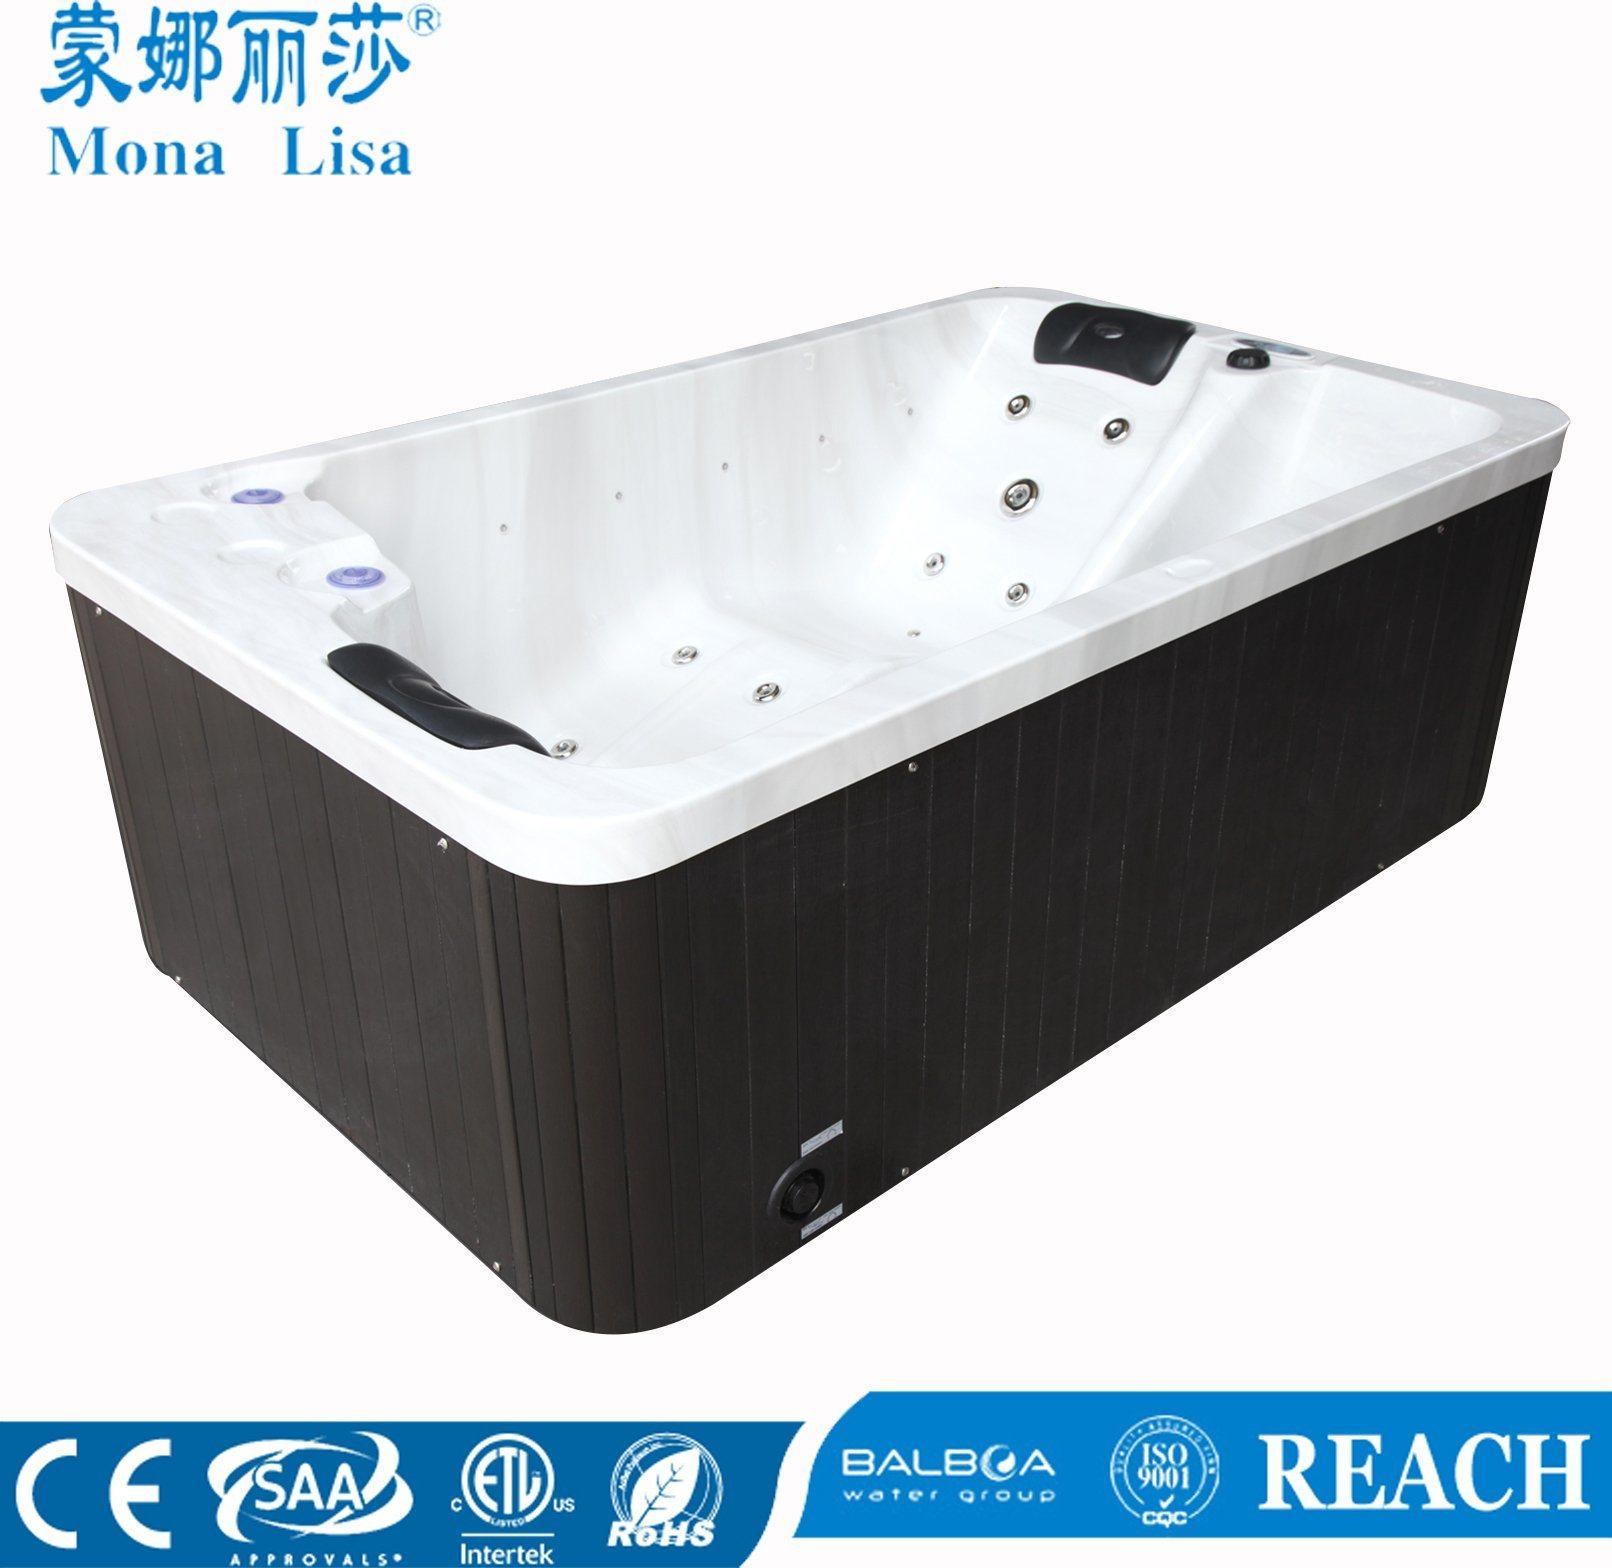 China Monalisa New Style Hot Sale USA Balboa System SPA (M-3502 ...